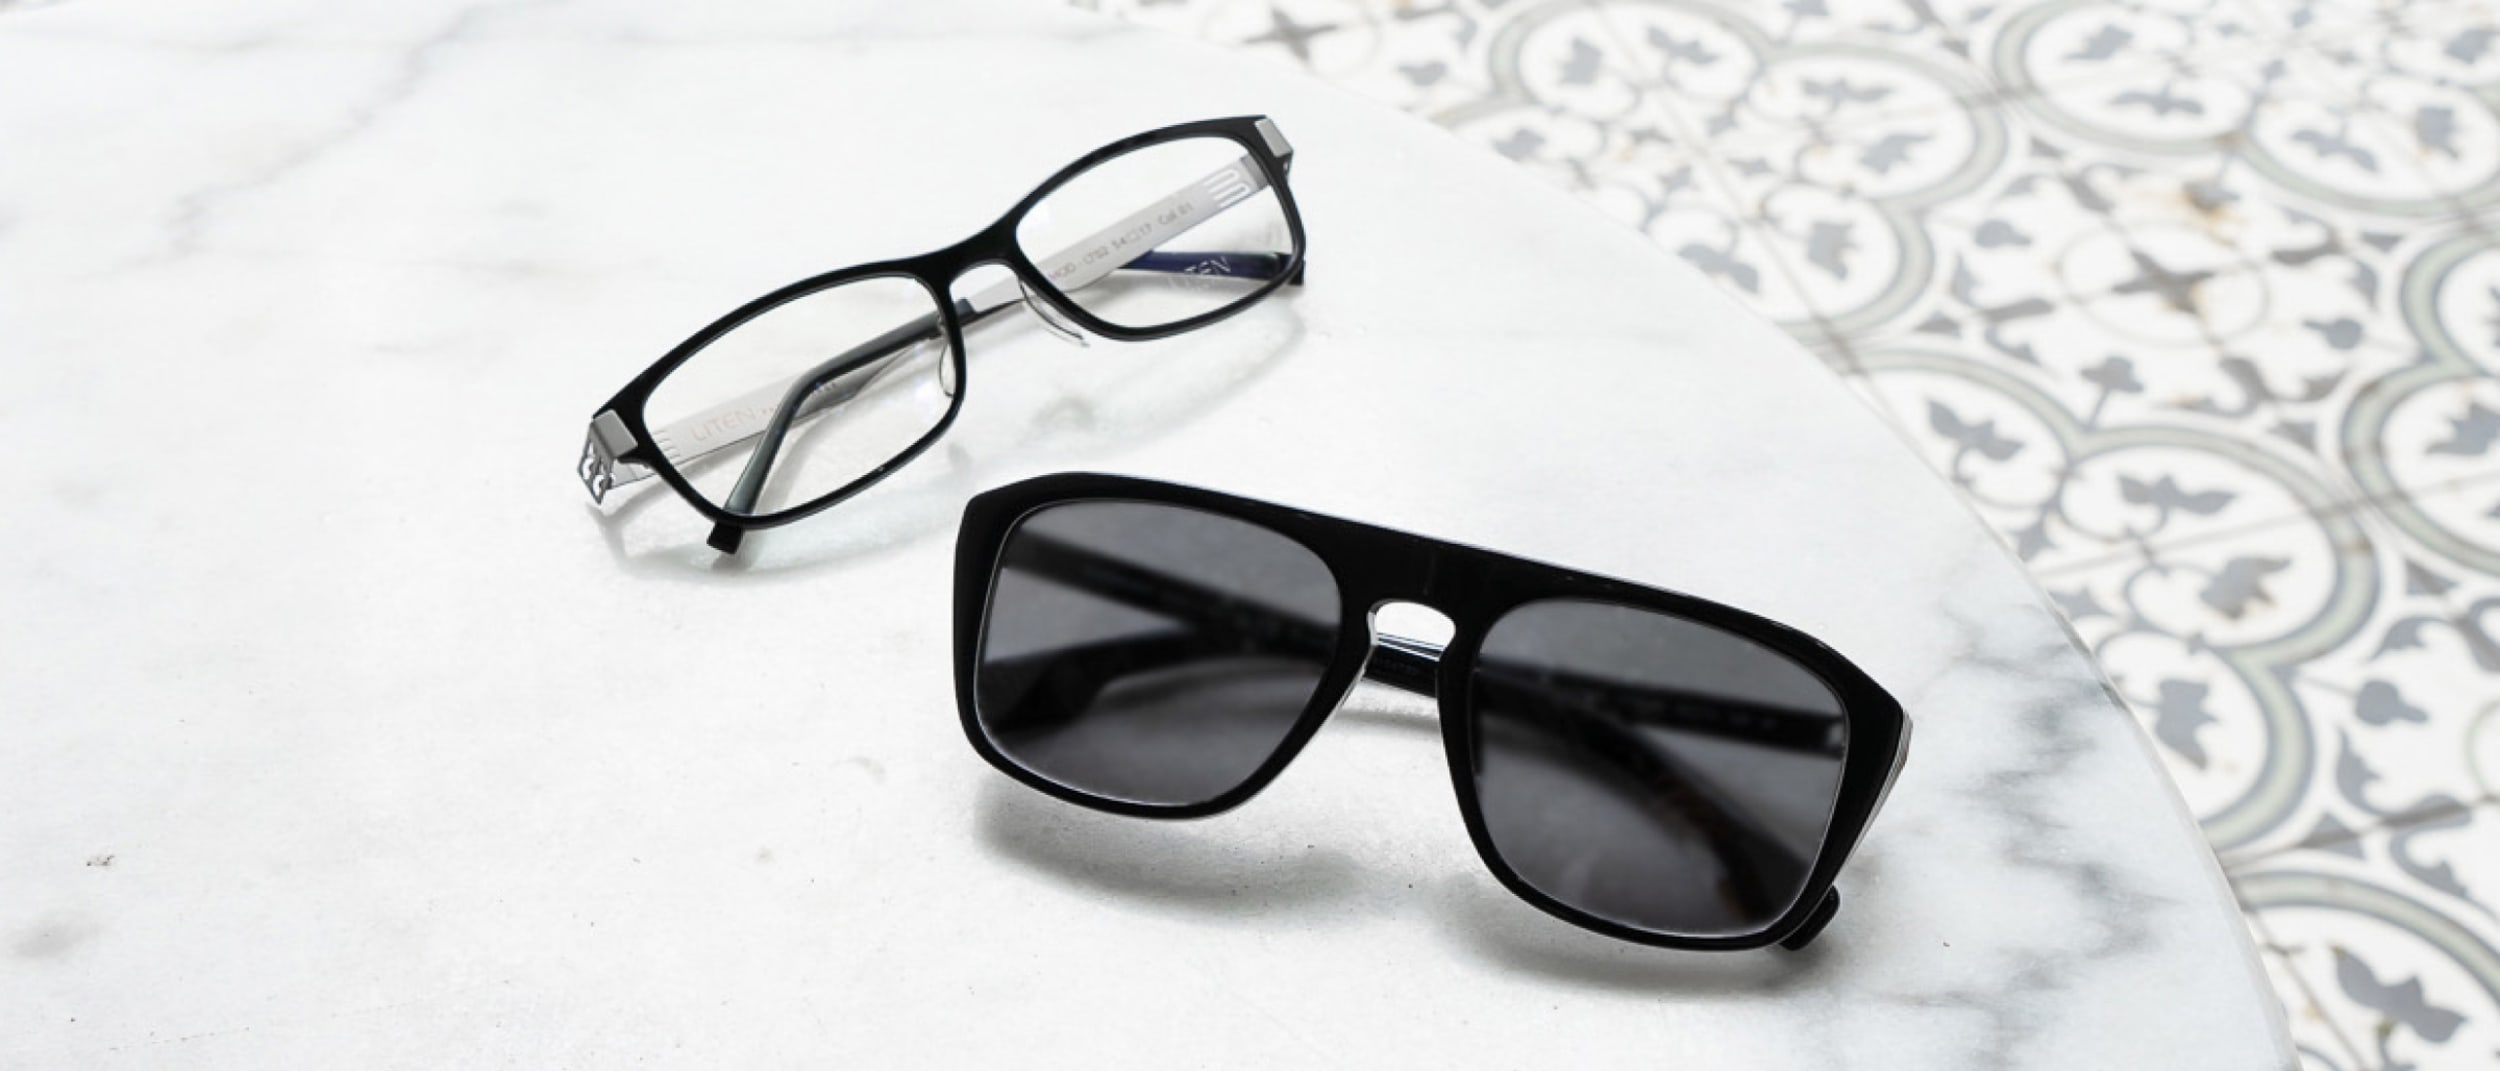 1001 Optical: 2 pairs no gap